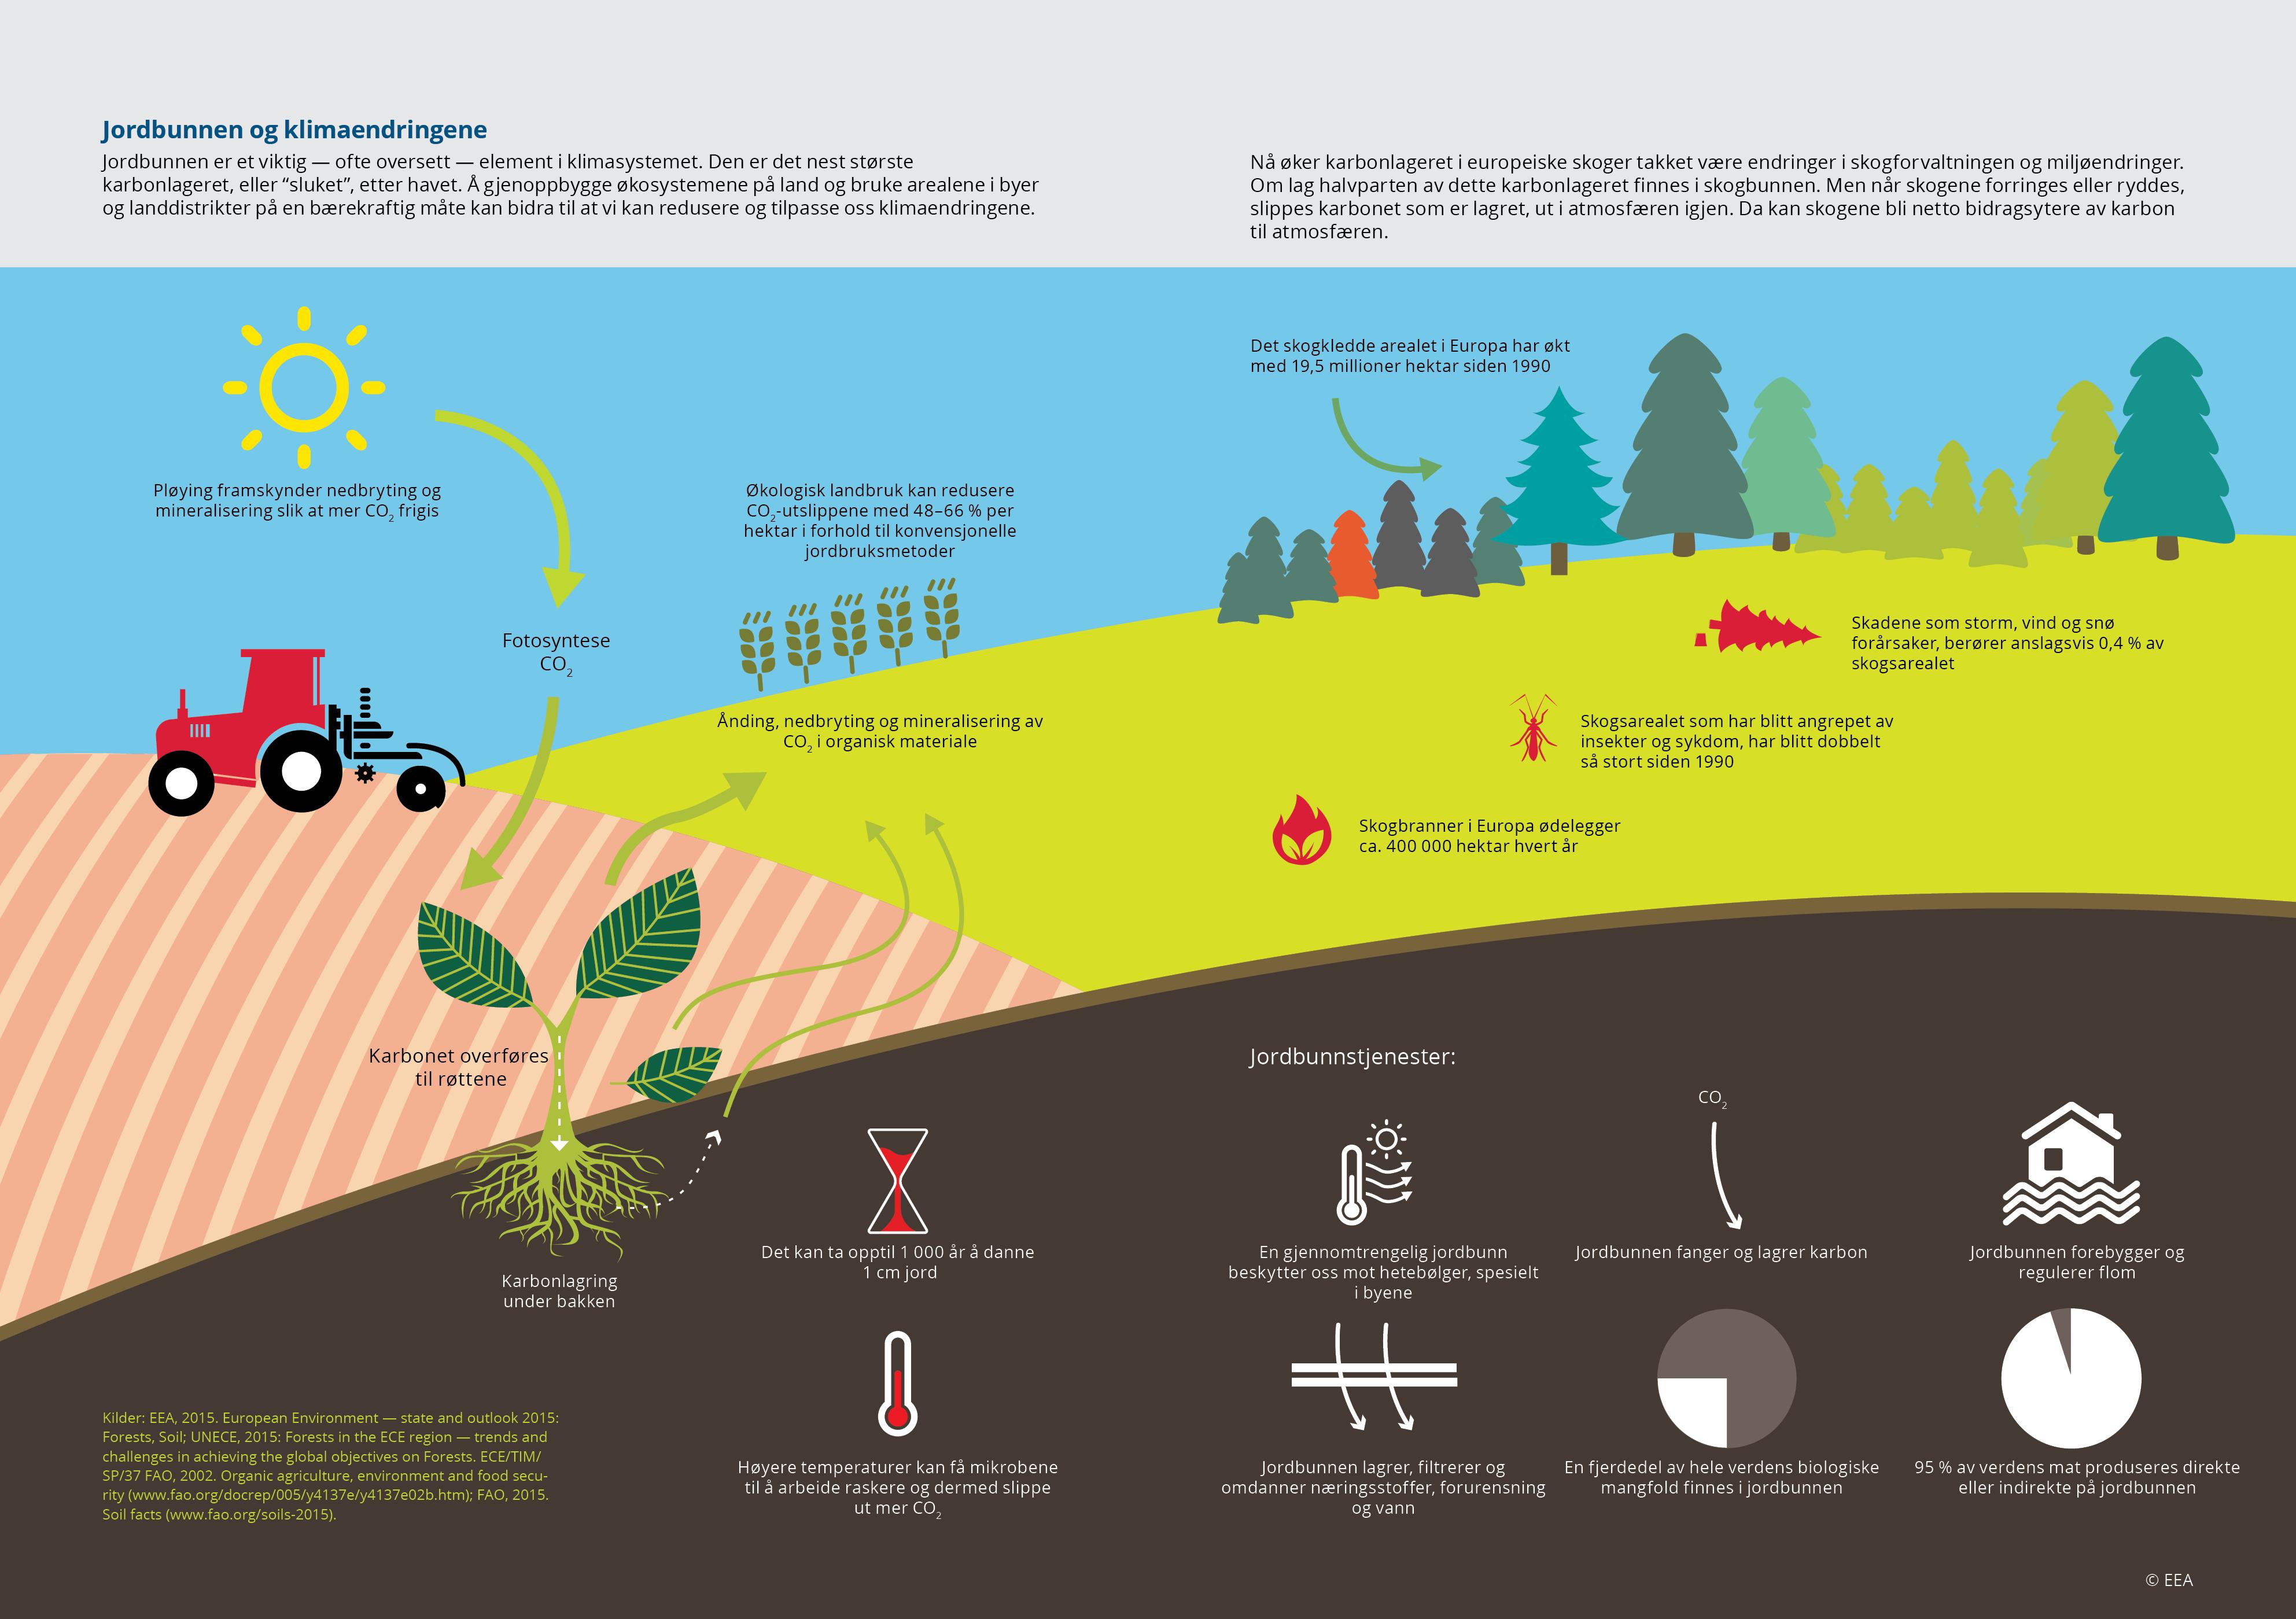 Jordbunnen og klimaendringene